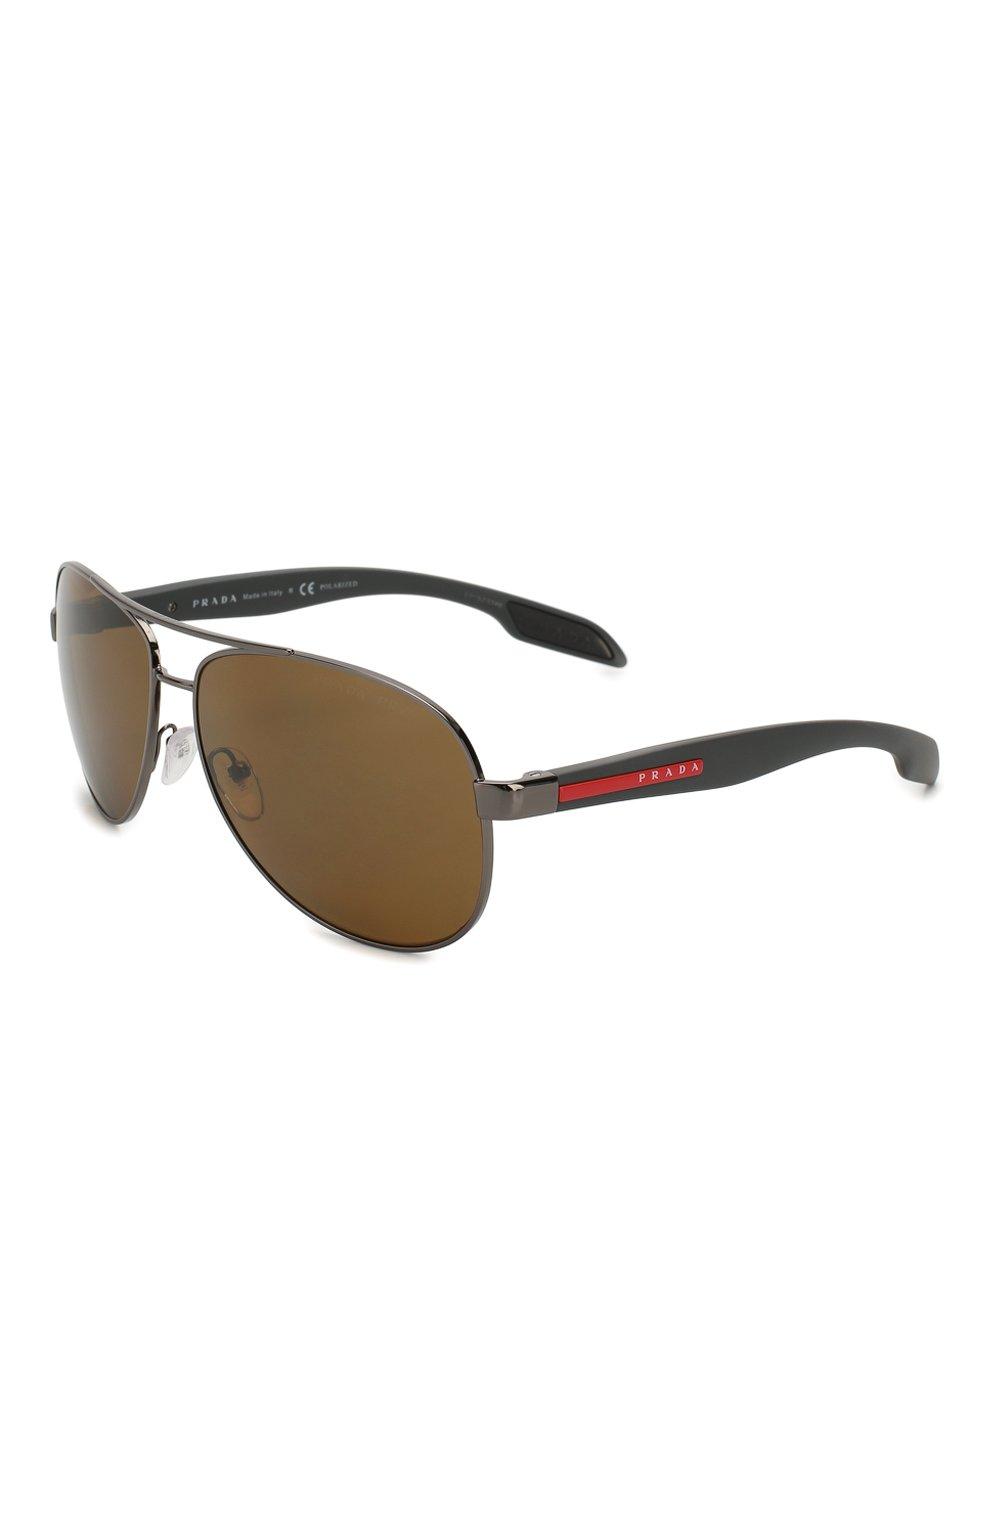 Мужские солнцезащитные очки PRADA LINEA ROSSA темно-серого цвета, арт. 53PS-5AV5Y1 | Фото 1